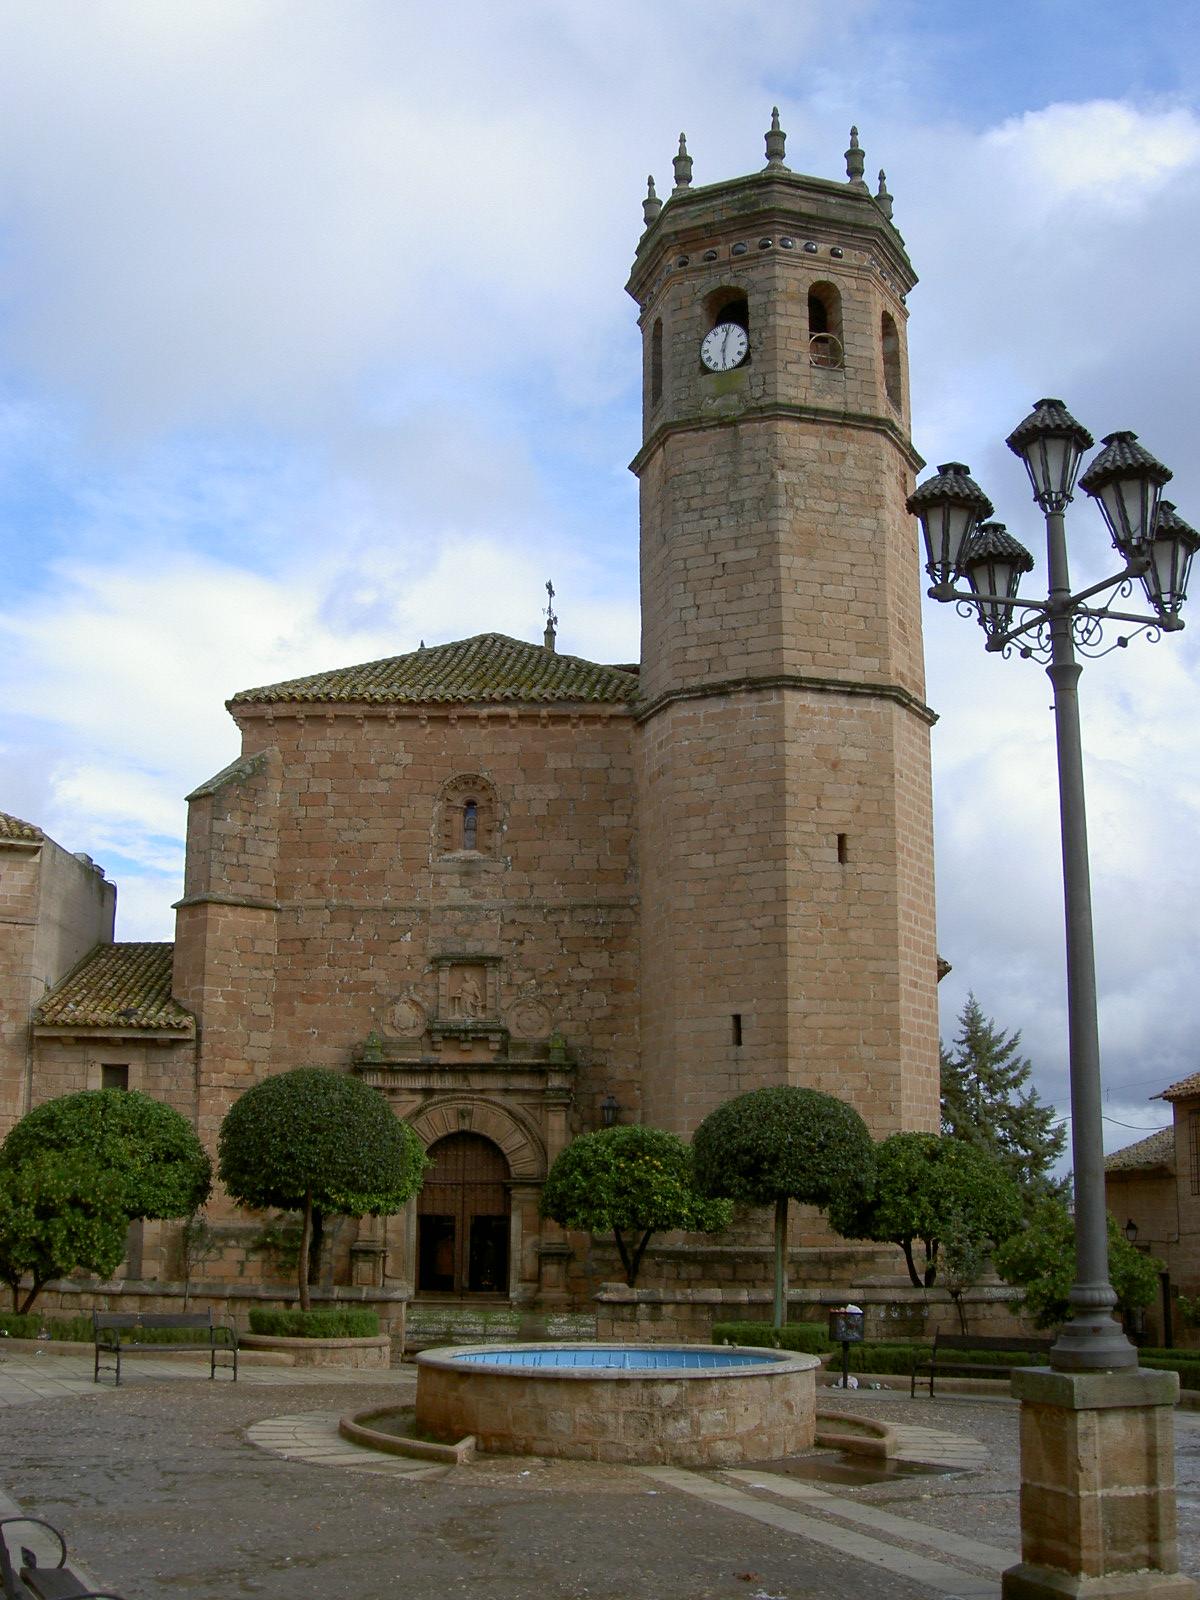 Iglesia San Mateo Baños de la Encina - Baños de la Encina y su Castillo.